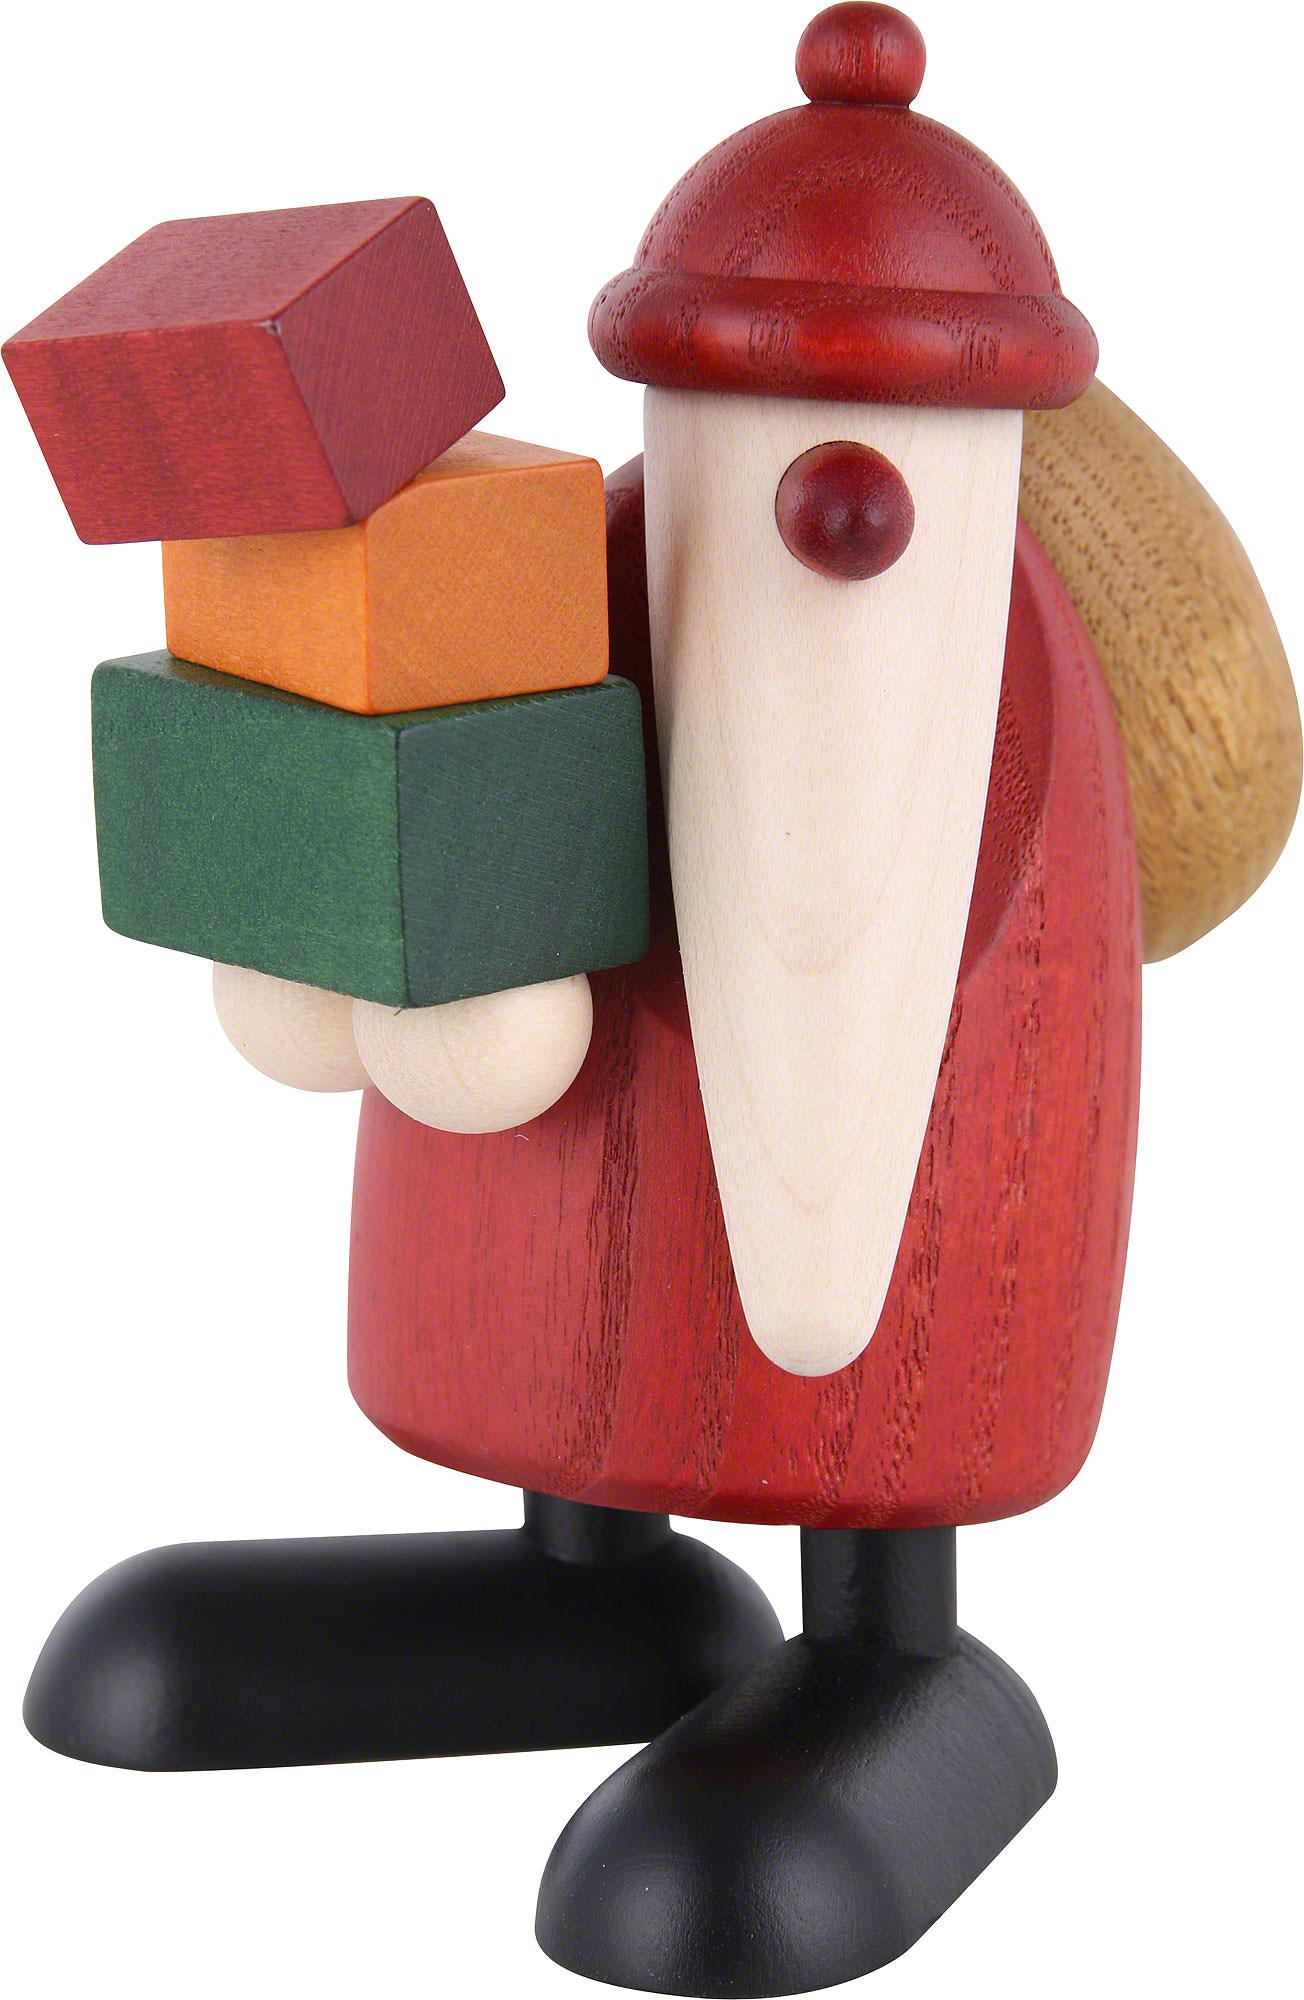 Weihnachtsmann Geschenke tragend (9 cm) von Björn Köhler Kunsthandwerk